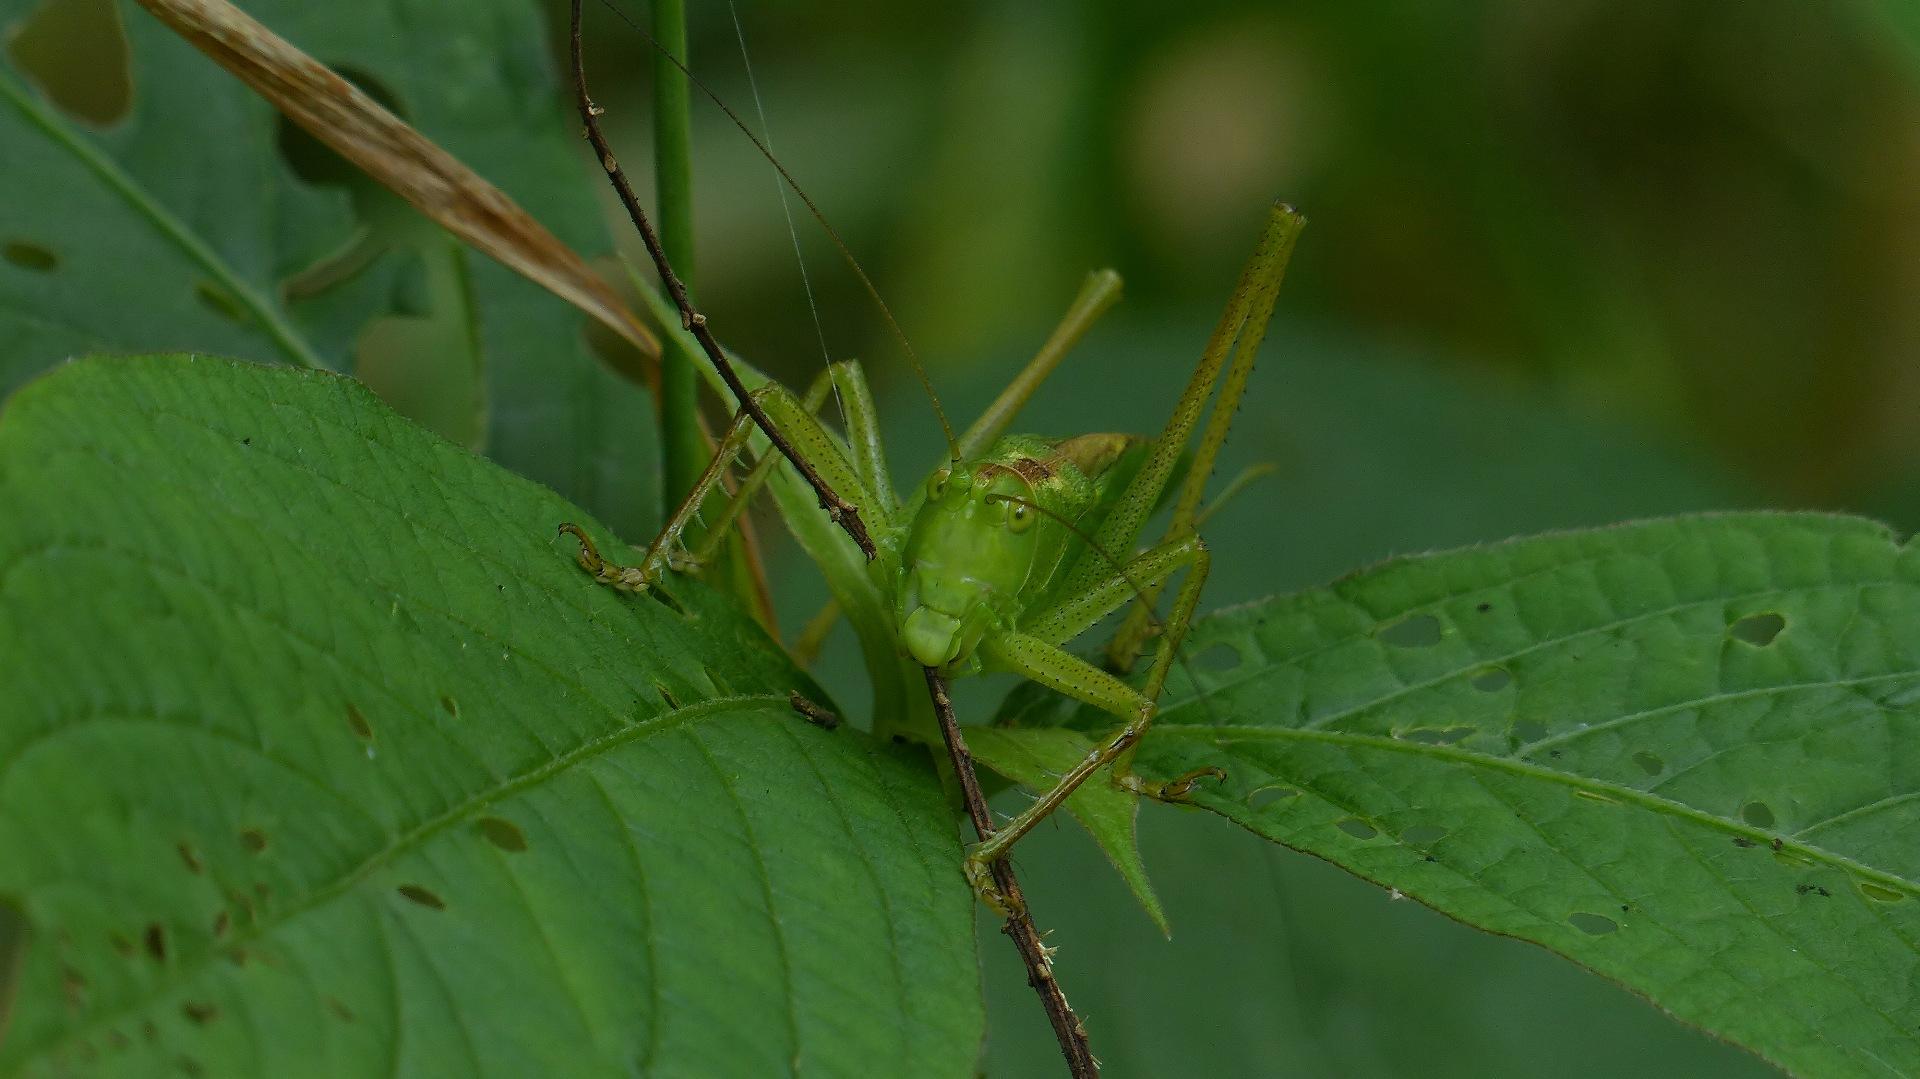 昆虫の森シリーズ 最強のバッタ_a0185081_1349128.jpg